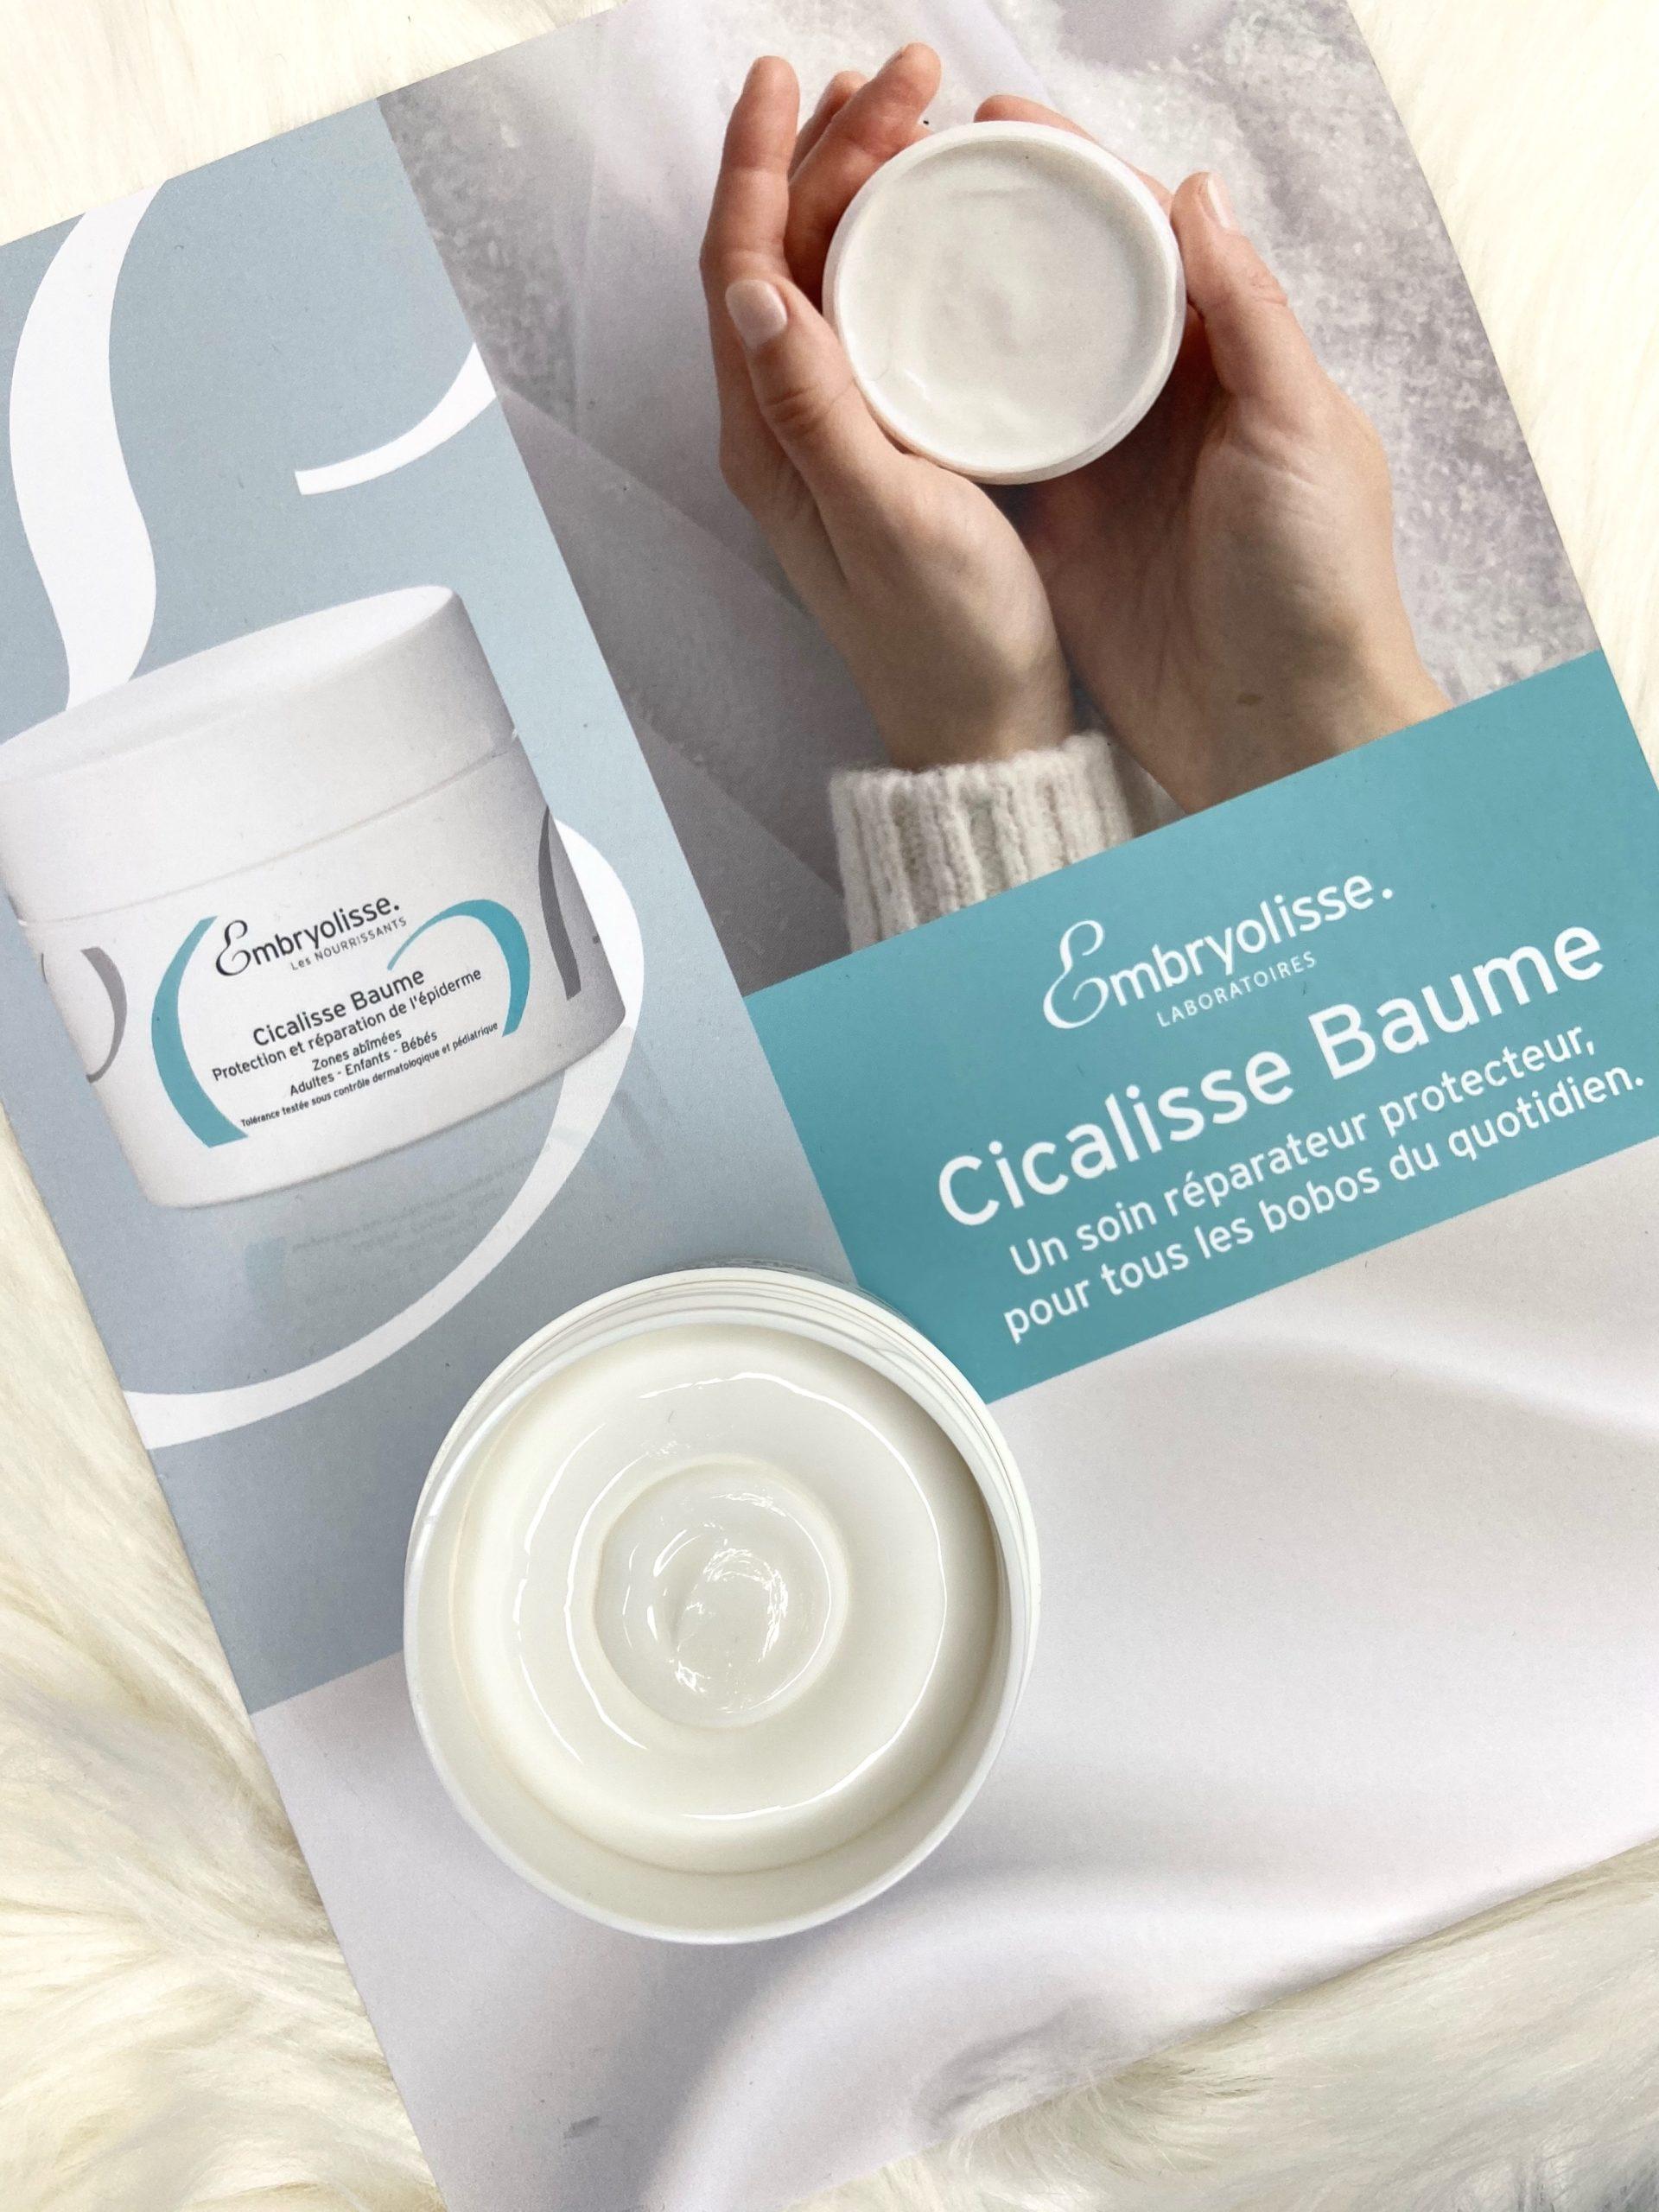 cicalisse-baume-embryolisse-baume-reparateur-peau-cicatrisant-